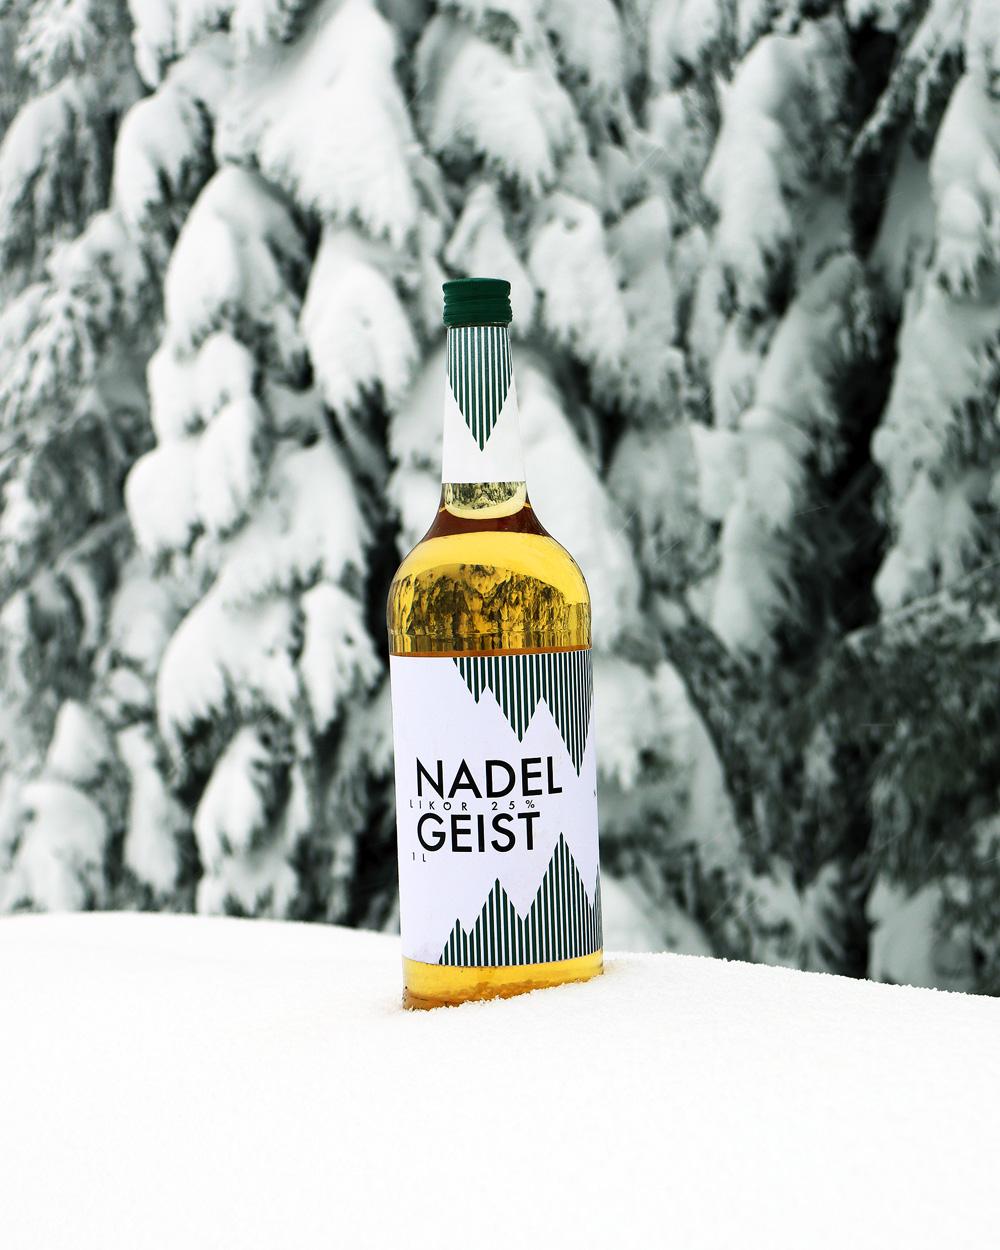 Eine Nadelgeist Likörflasche steht im Schnee vor Nadelbäumen